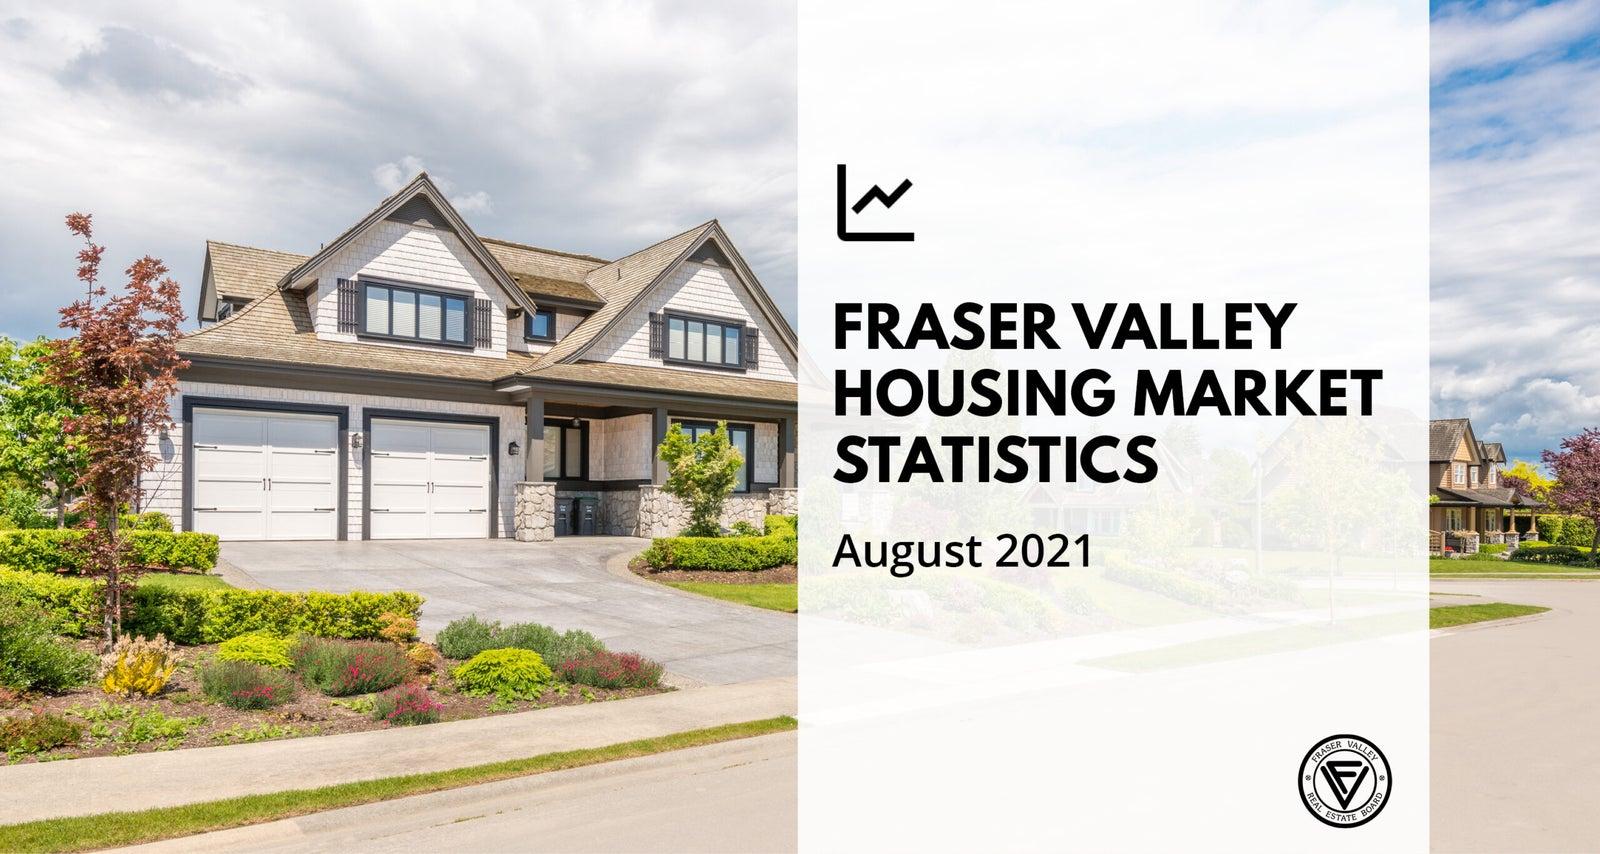 Fraser Valley Housing Market Statistics - August 2021